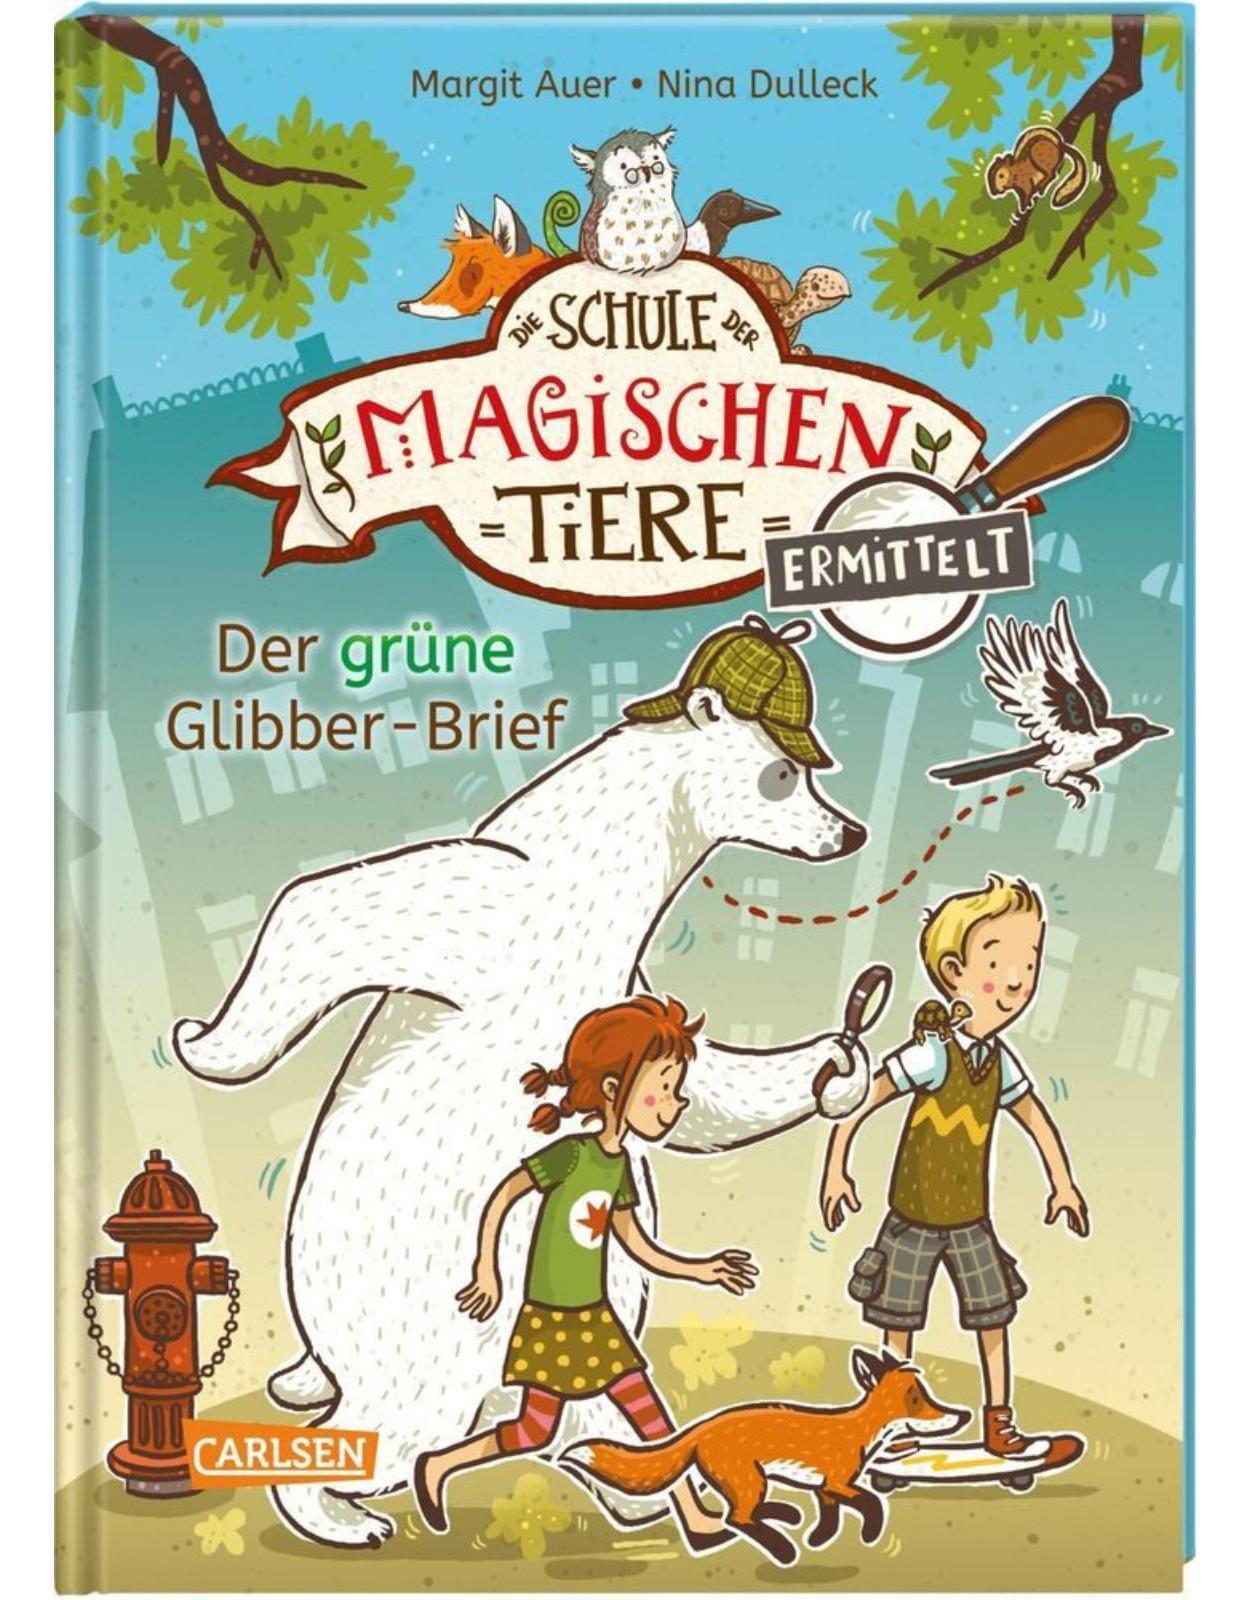 Die Schule der magischen Tiere ermittelt: Der grune Glibber-Brief